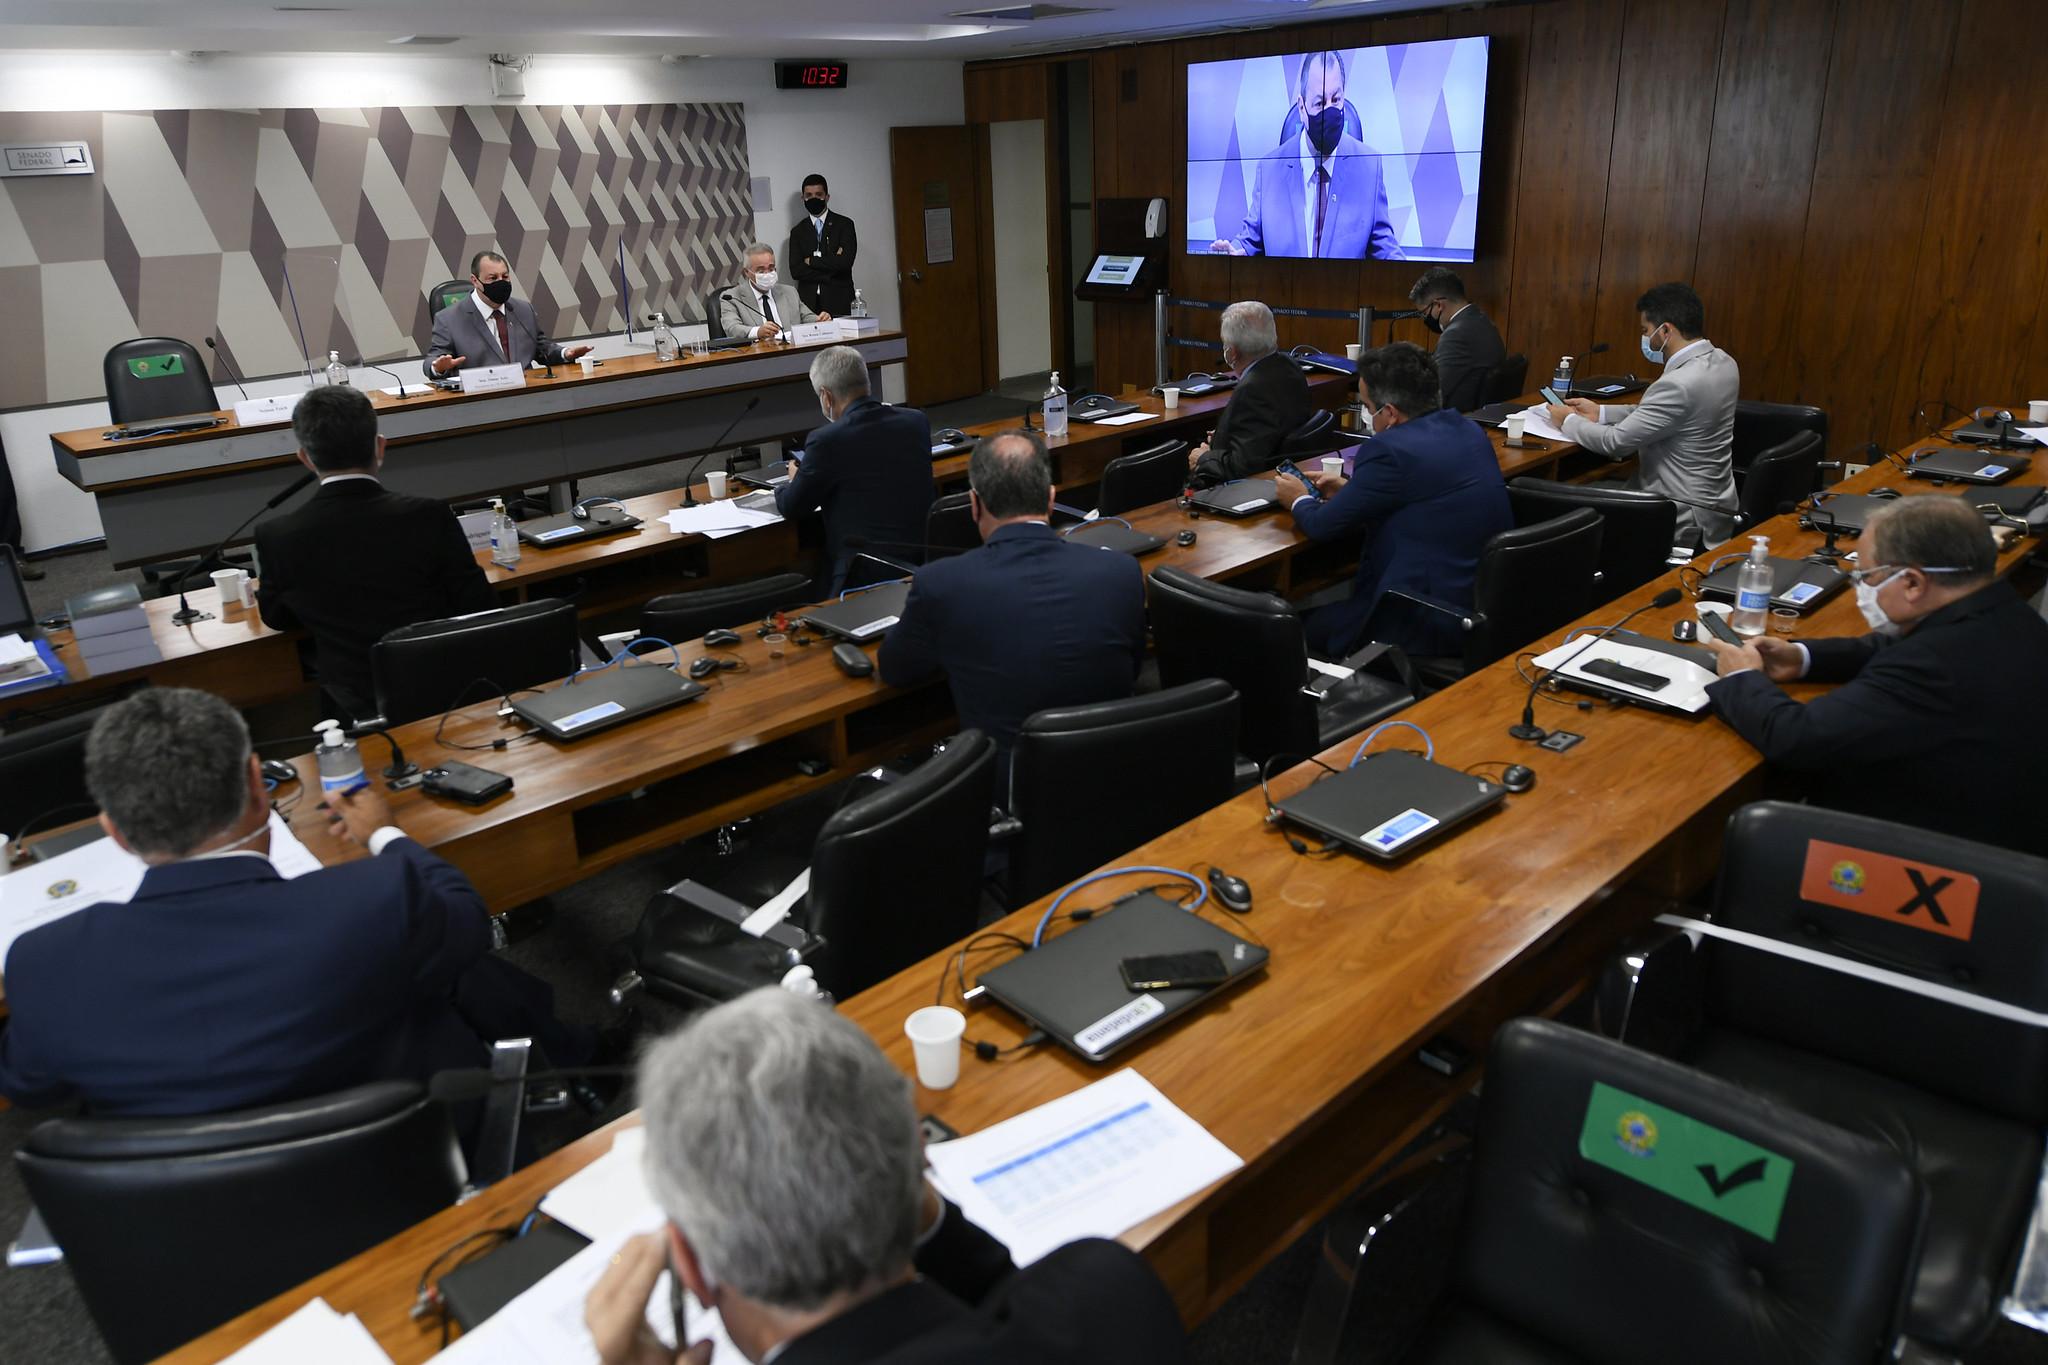 IMAGEM: Termina depoimento de ex-CEO da Pfizer na CPI; Ernesto Araújo é o próximo a depor